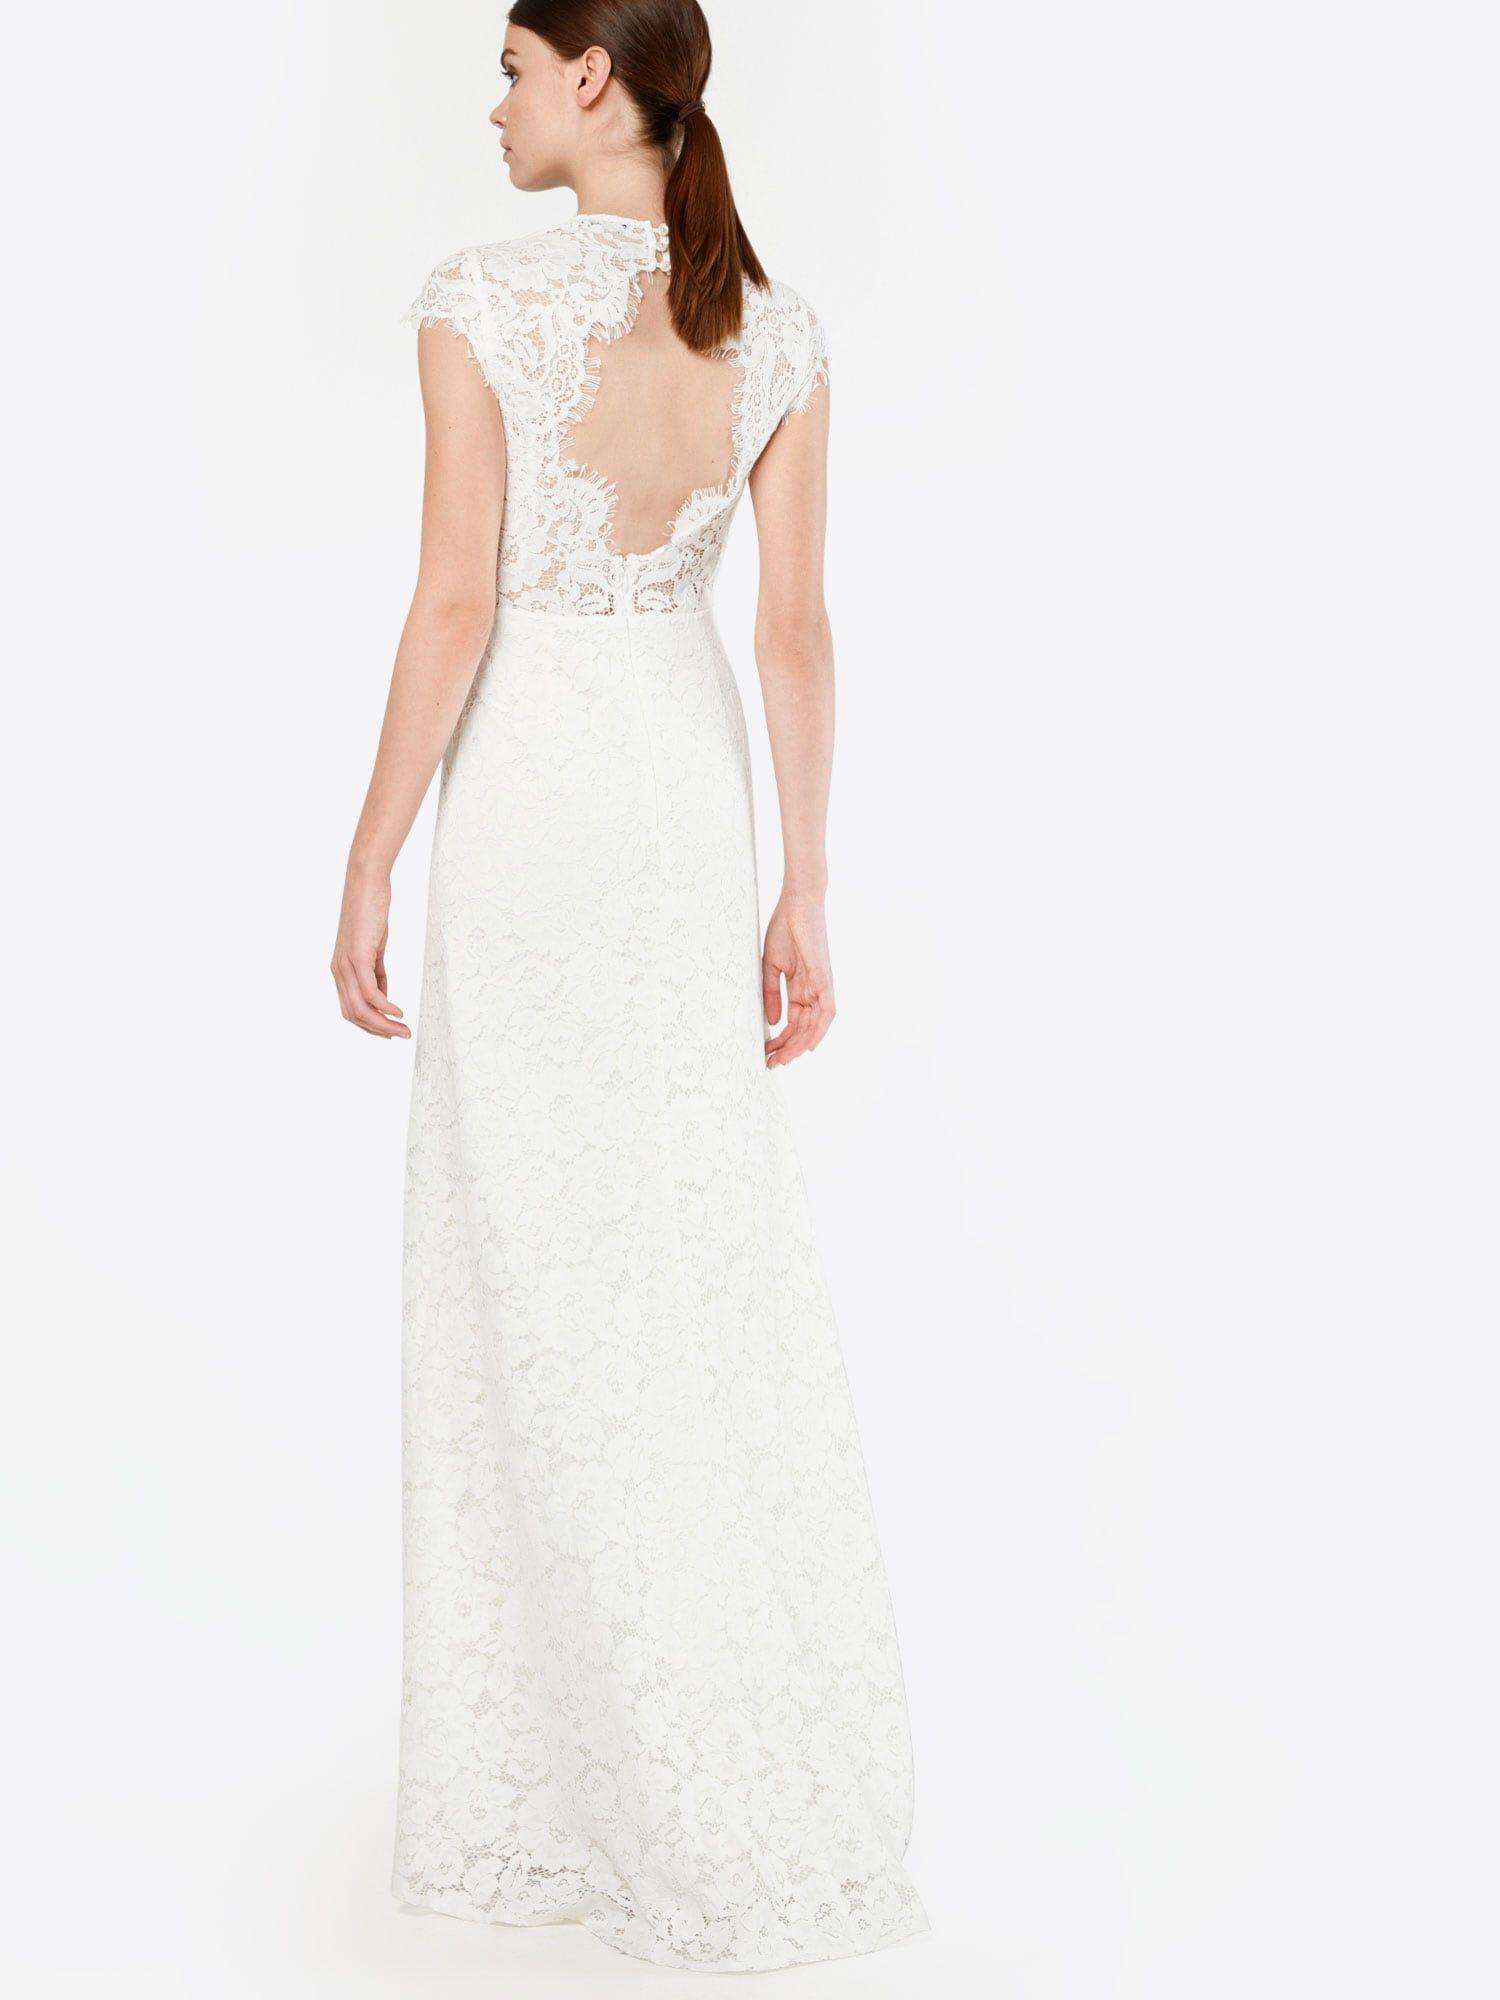 IVY & OAK Brautkleid Damen, Weiß, Größe 14  Brautkleid, Kleider